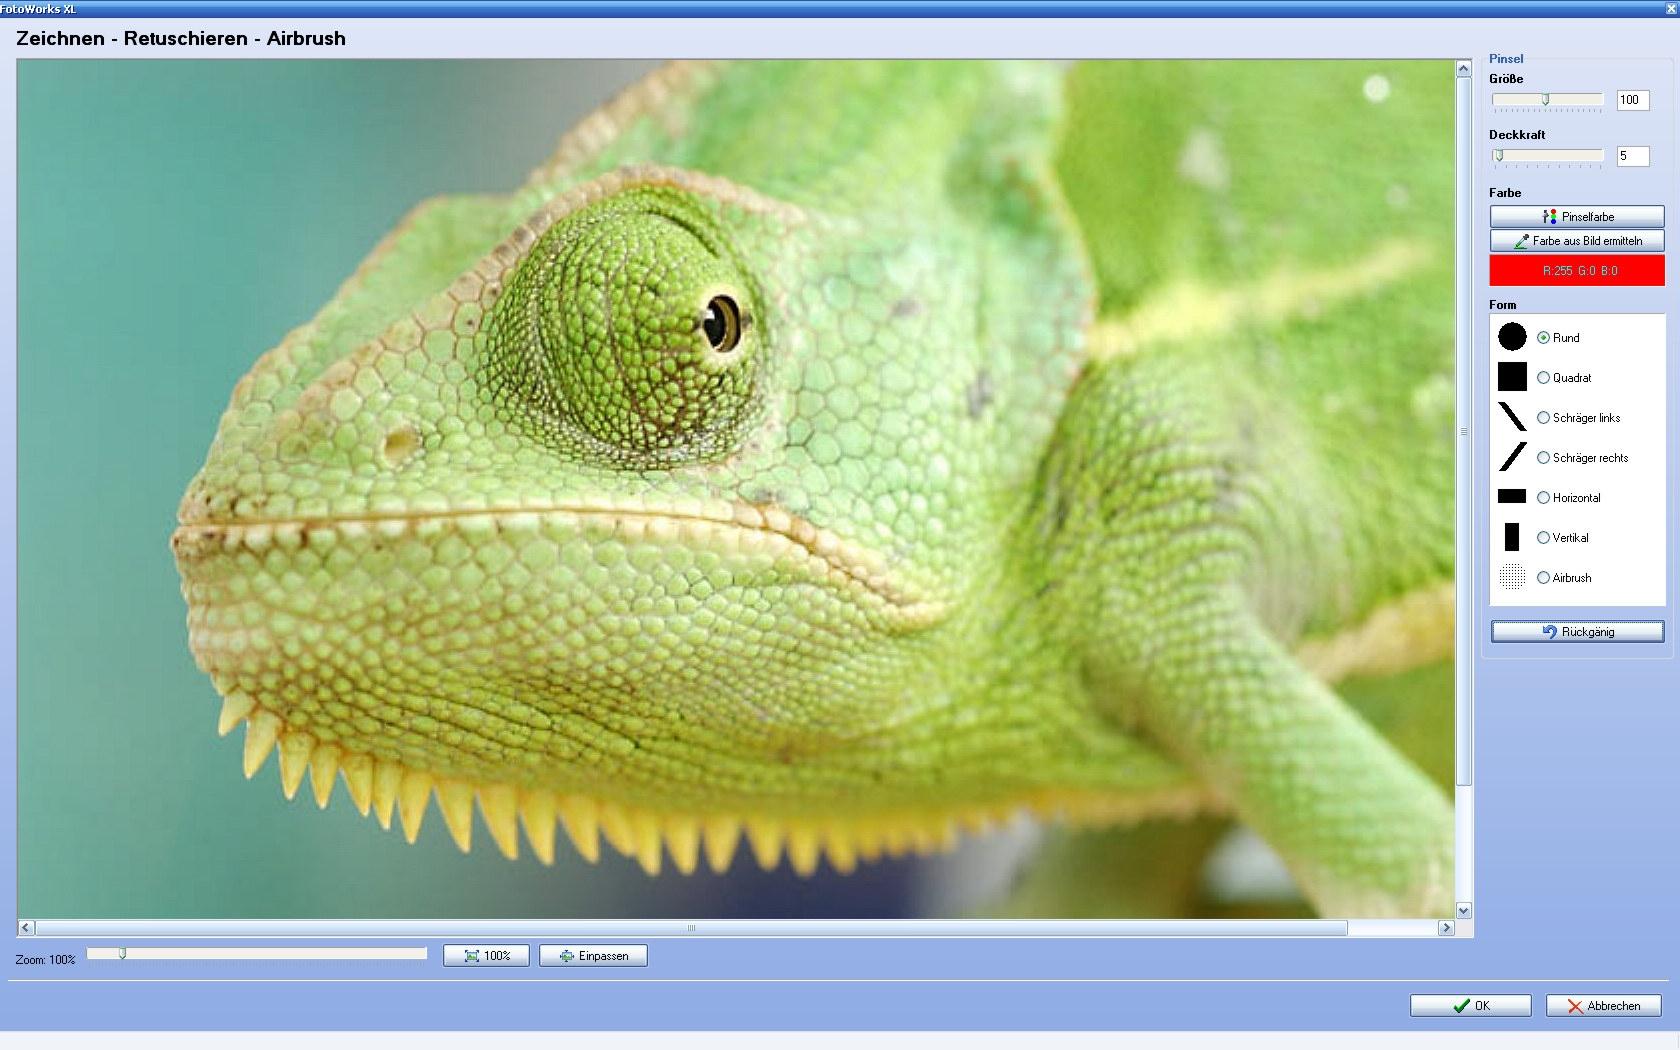 Bildbearbeitungsprogramm kostenlos downloaden